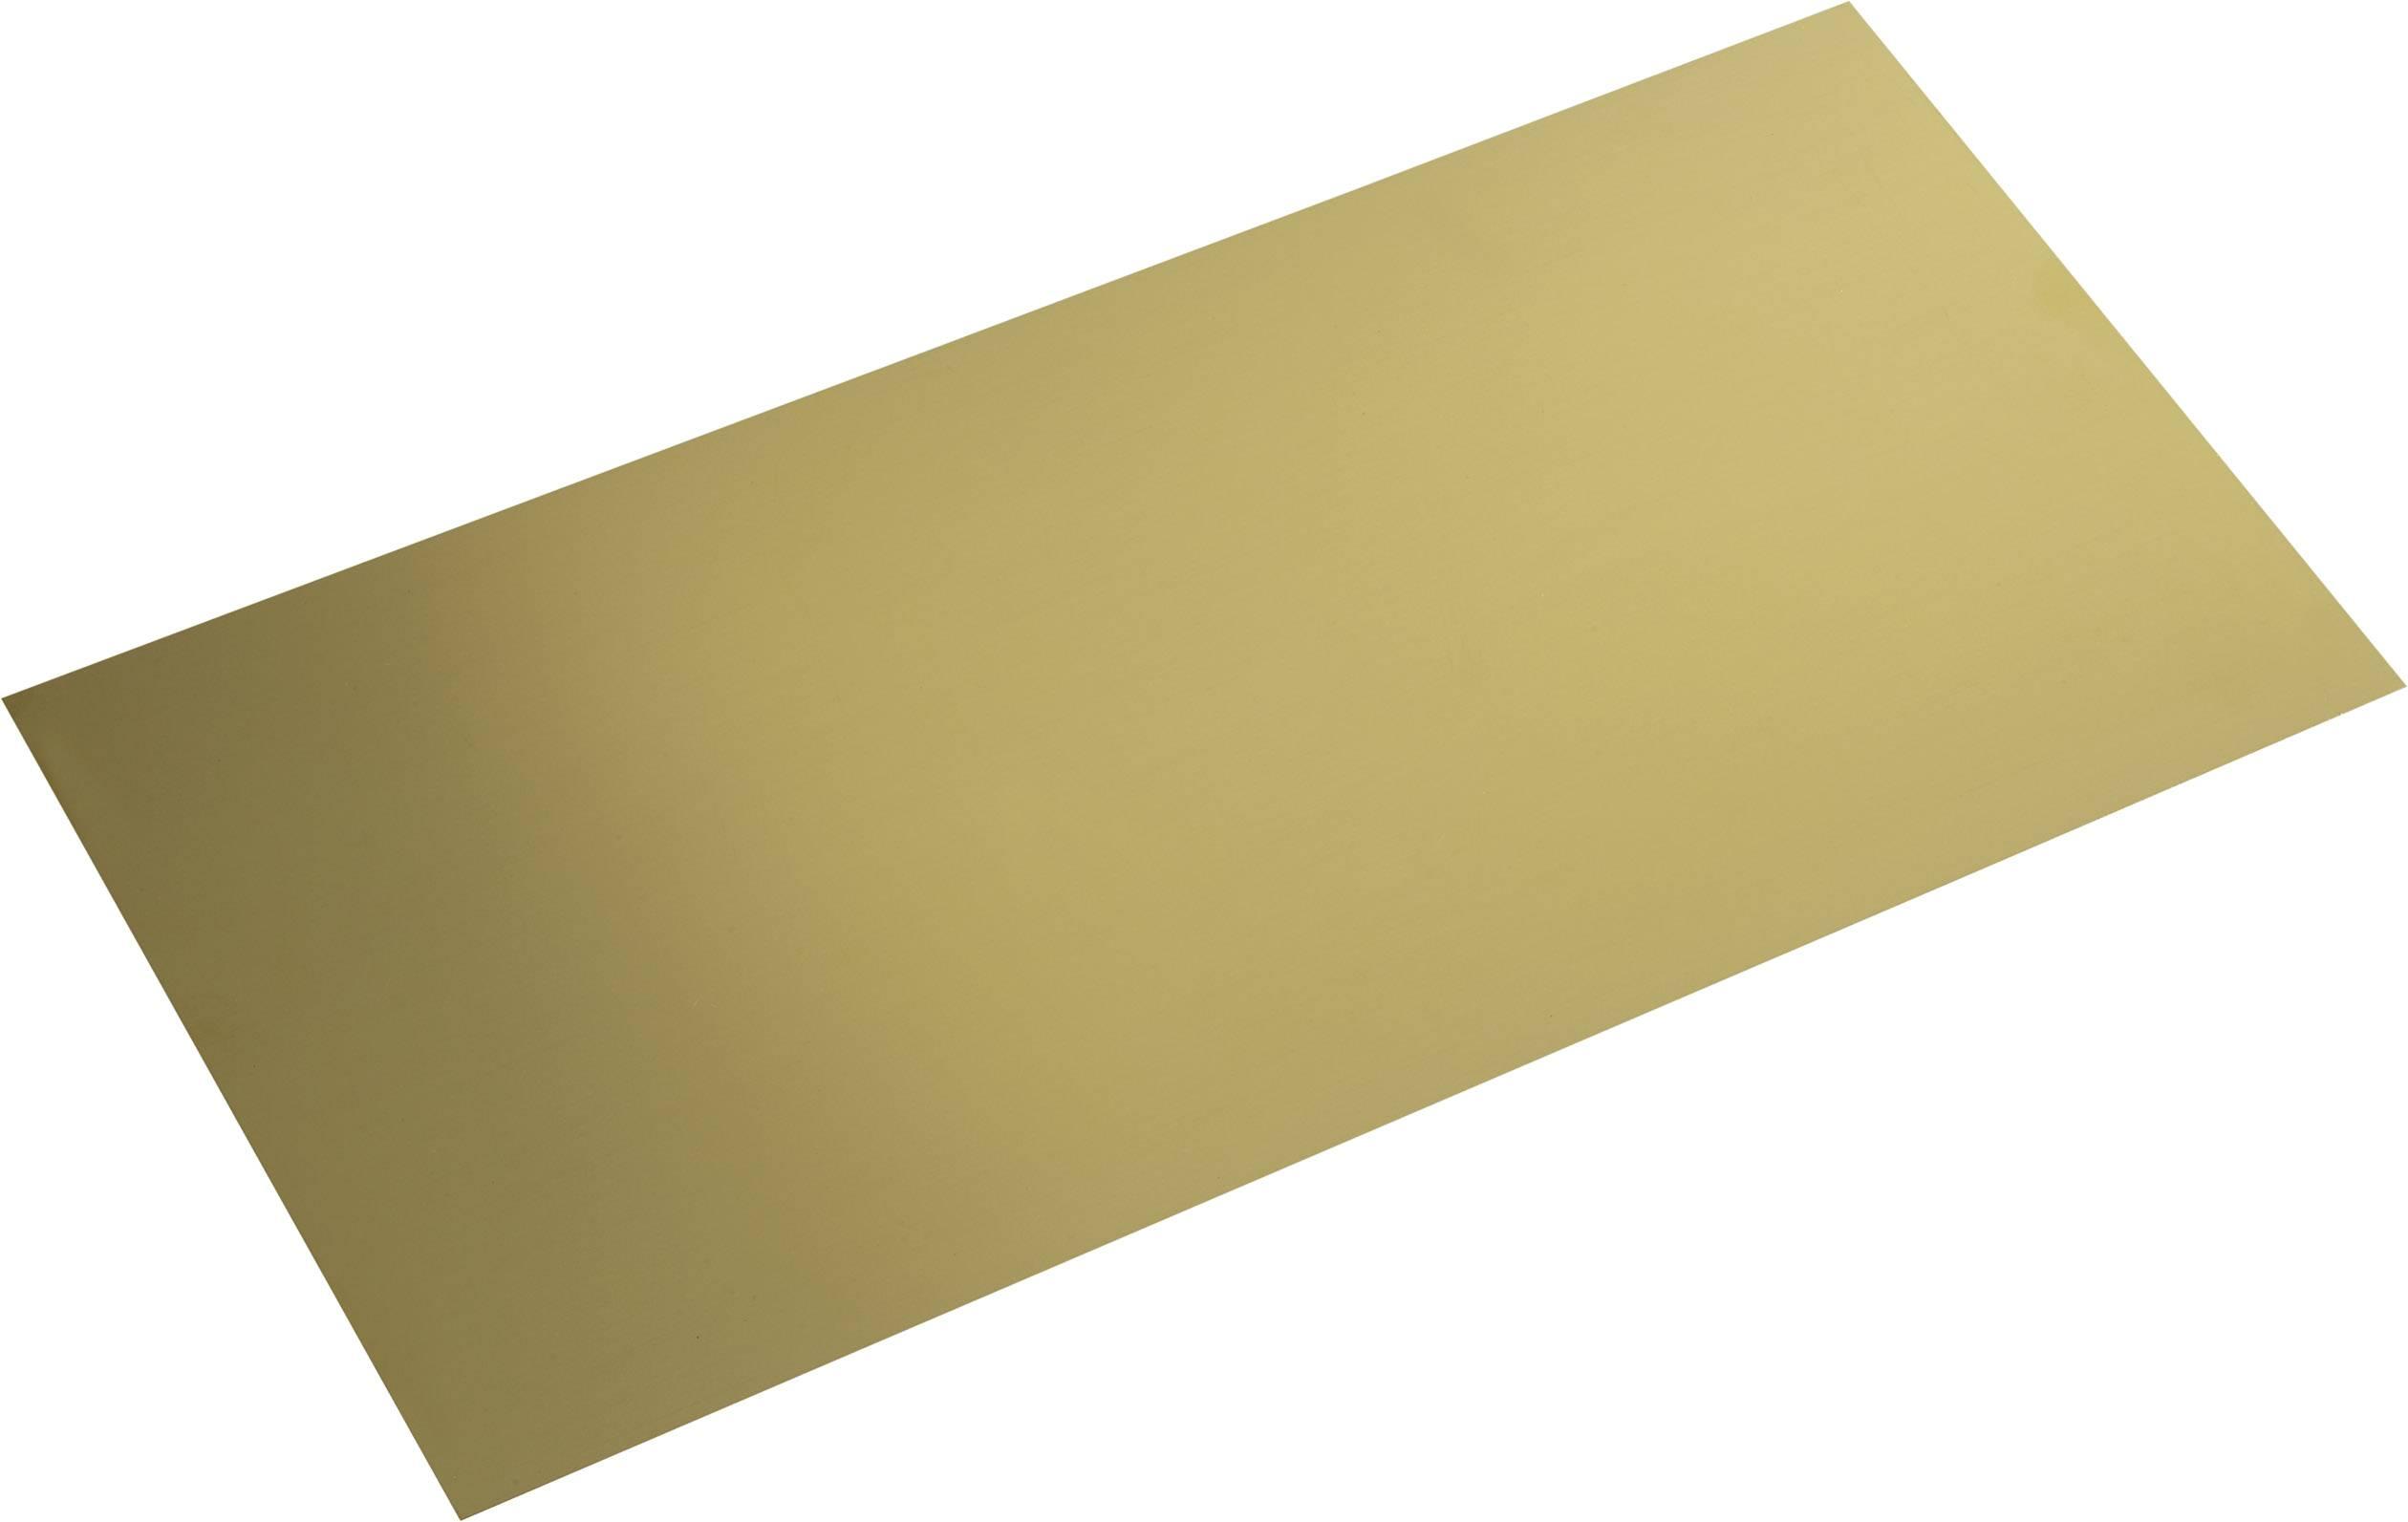 Mosazná deska Modelcraft, 400 x 200 x 1,5 mm